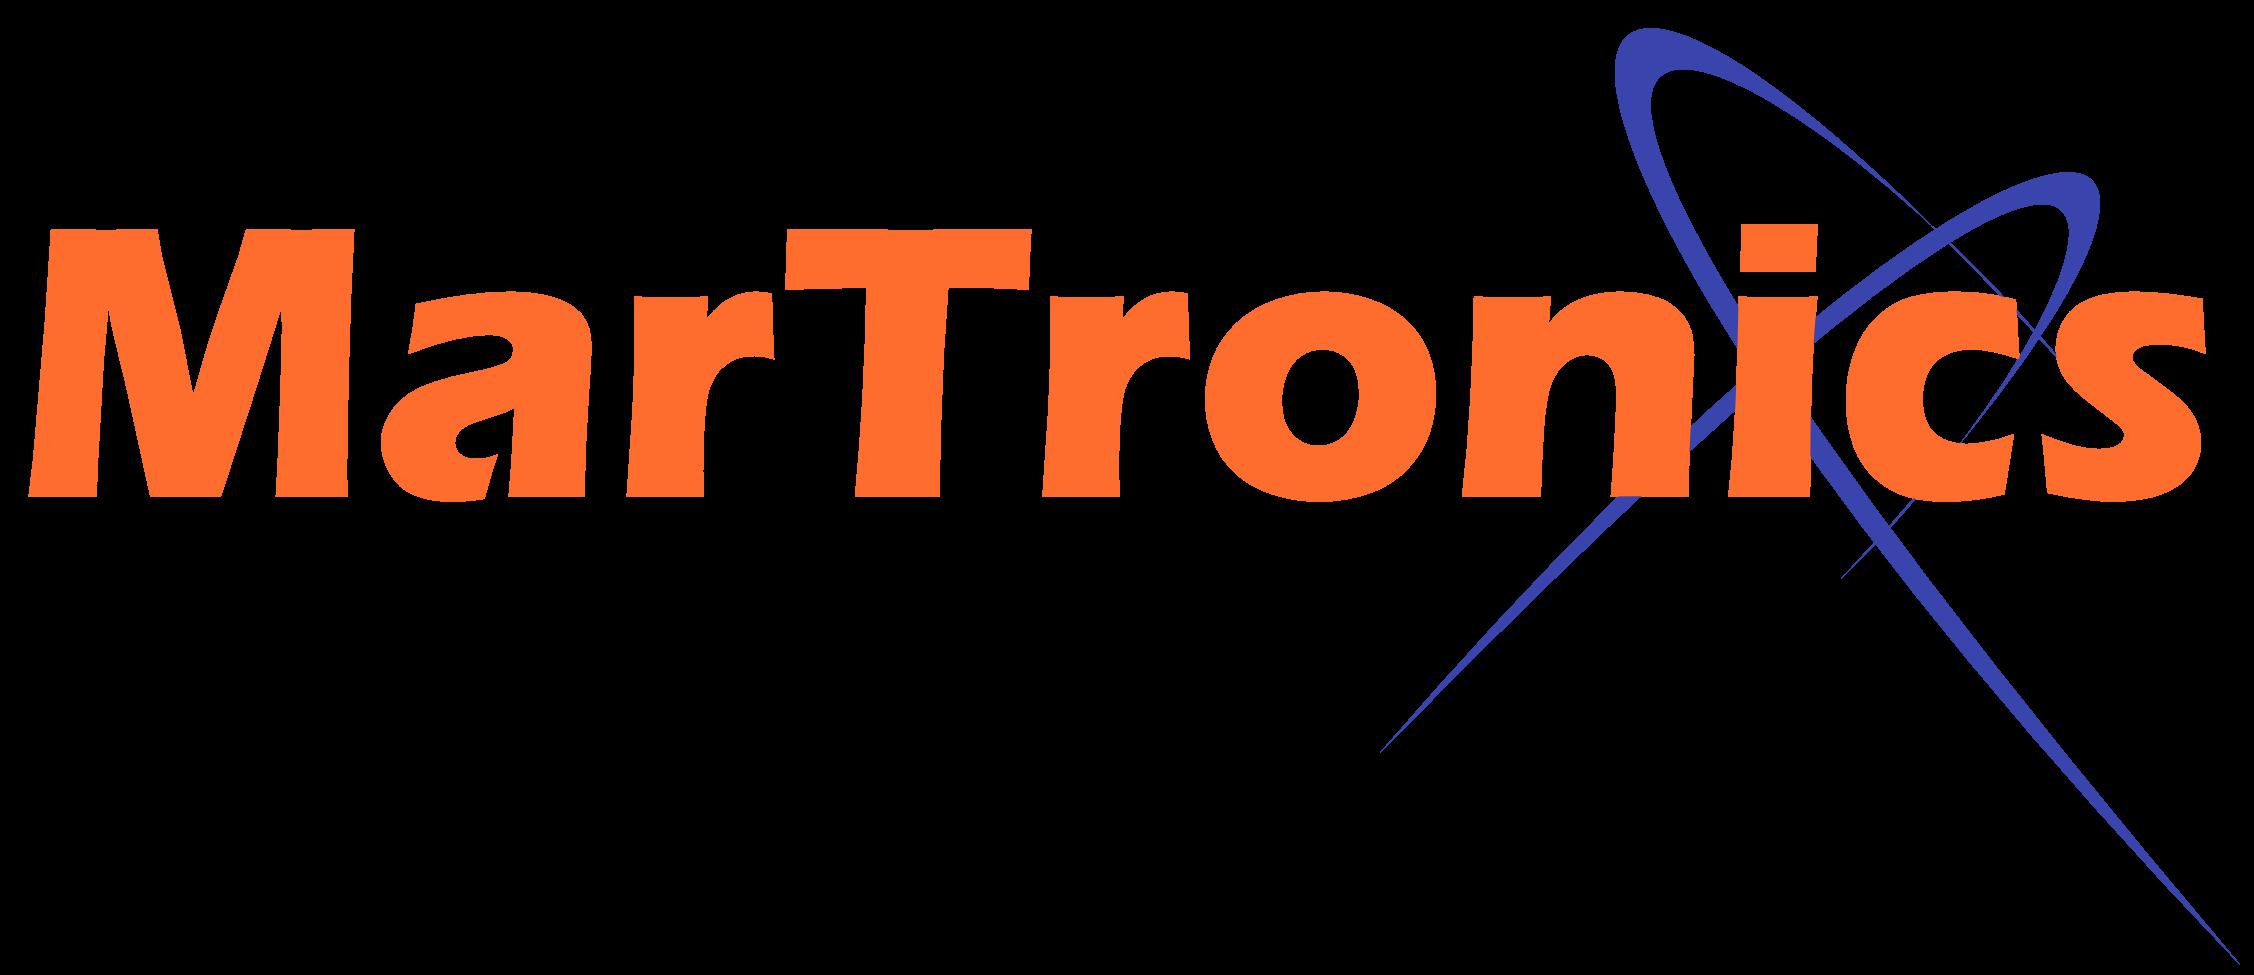 MarTronics